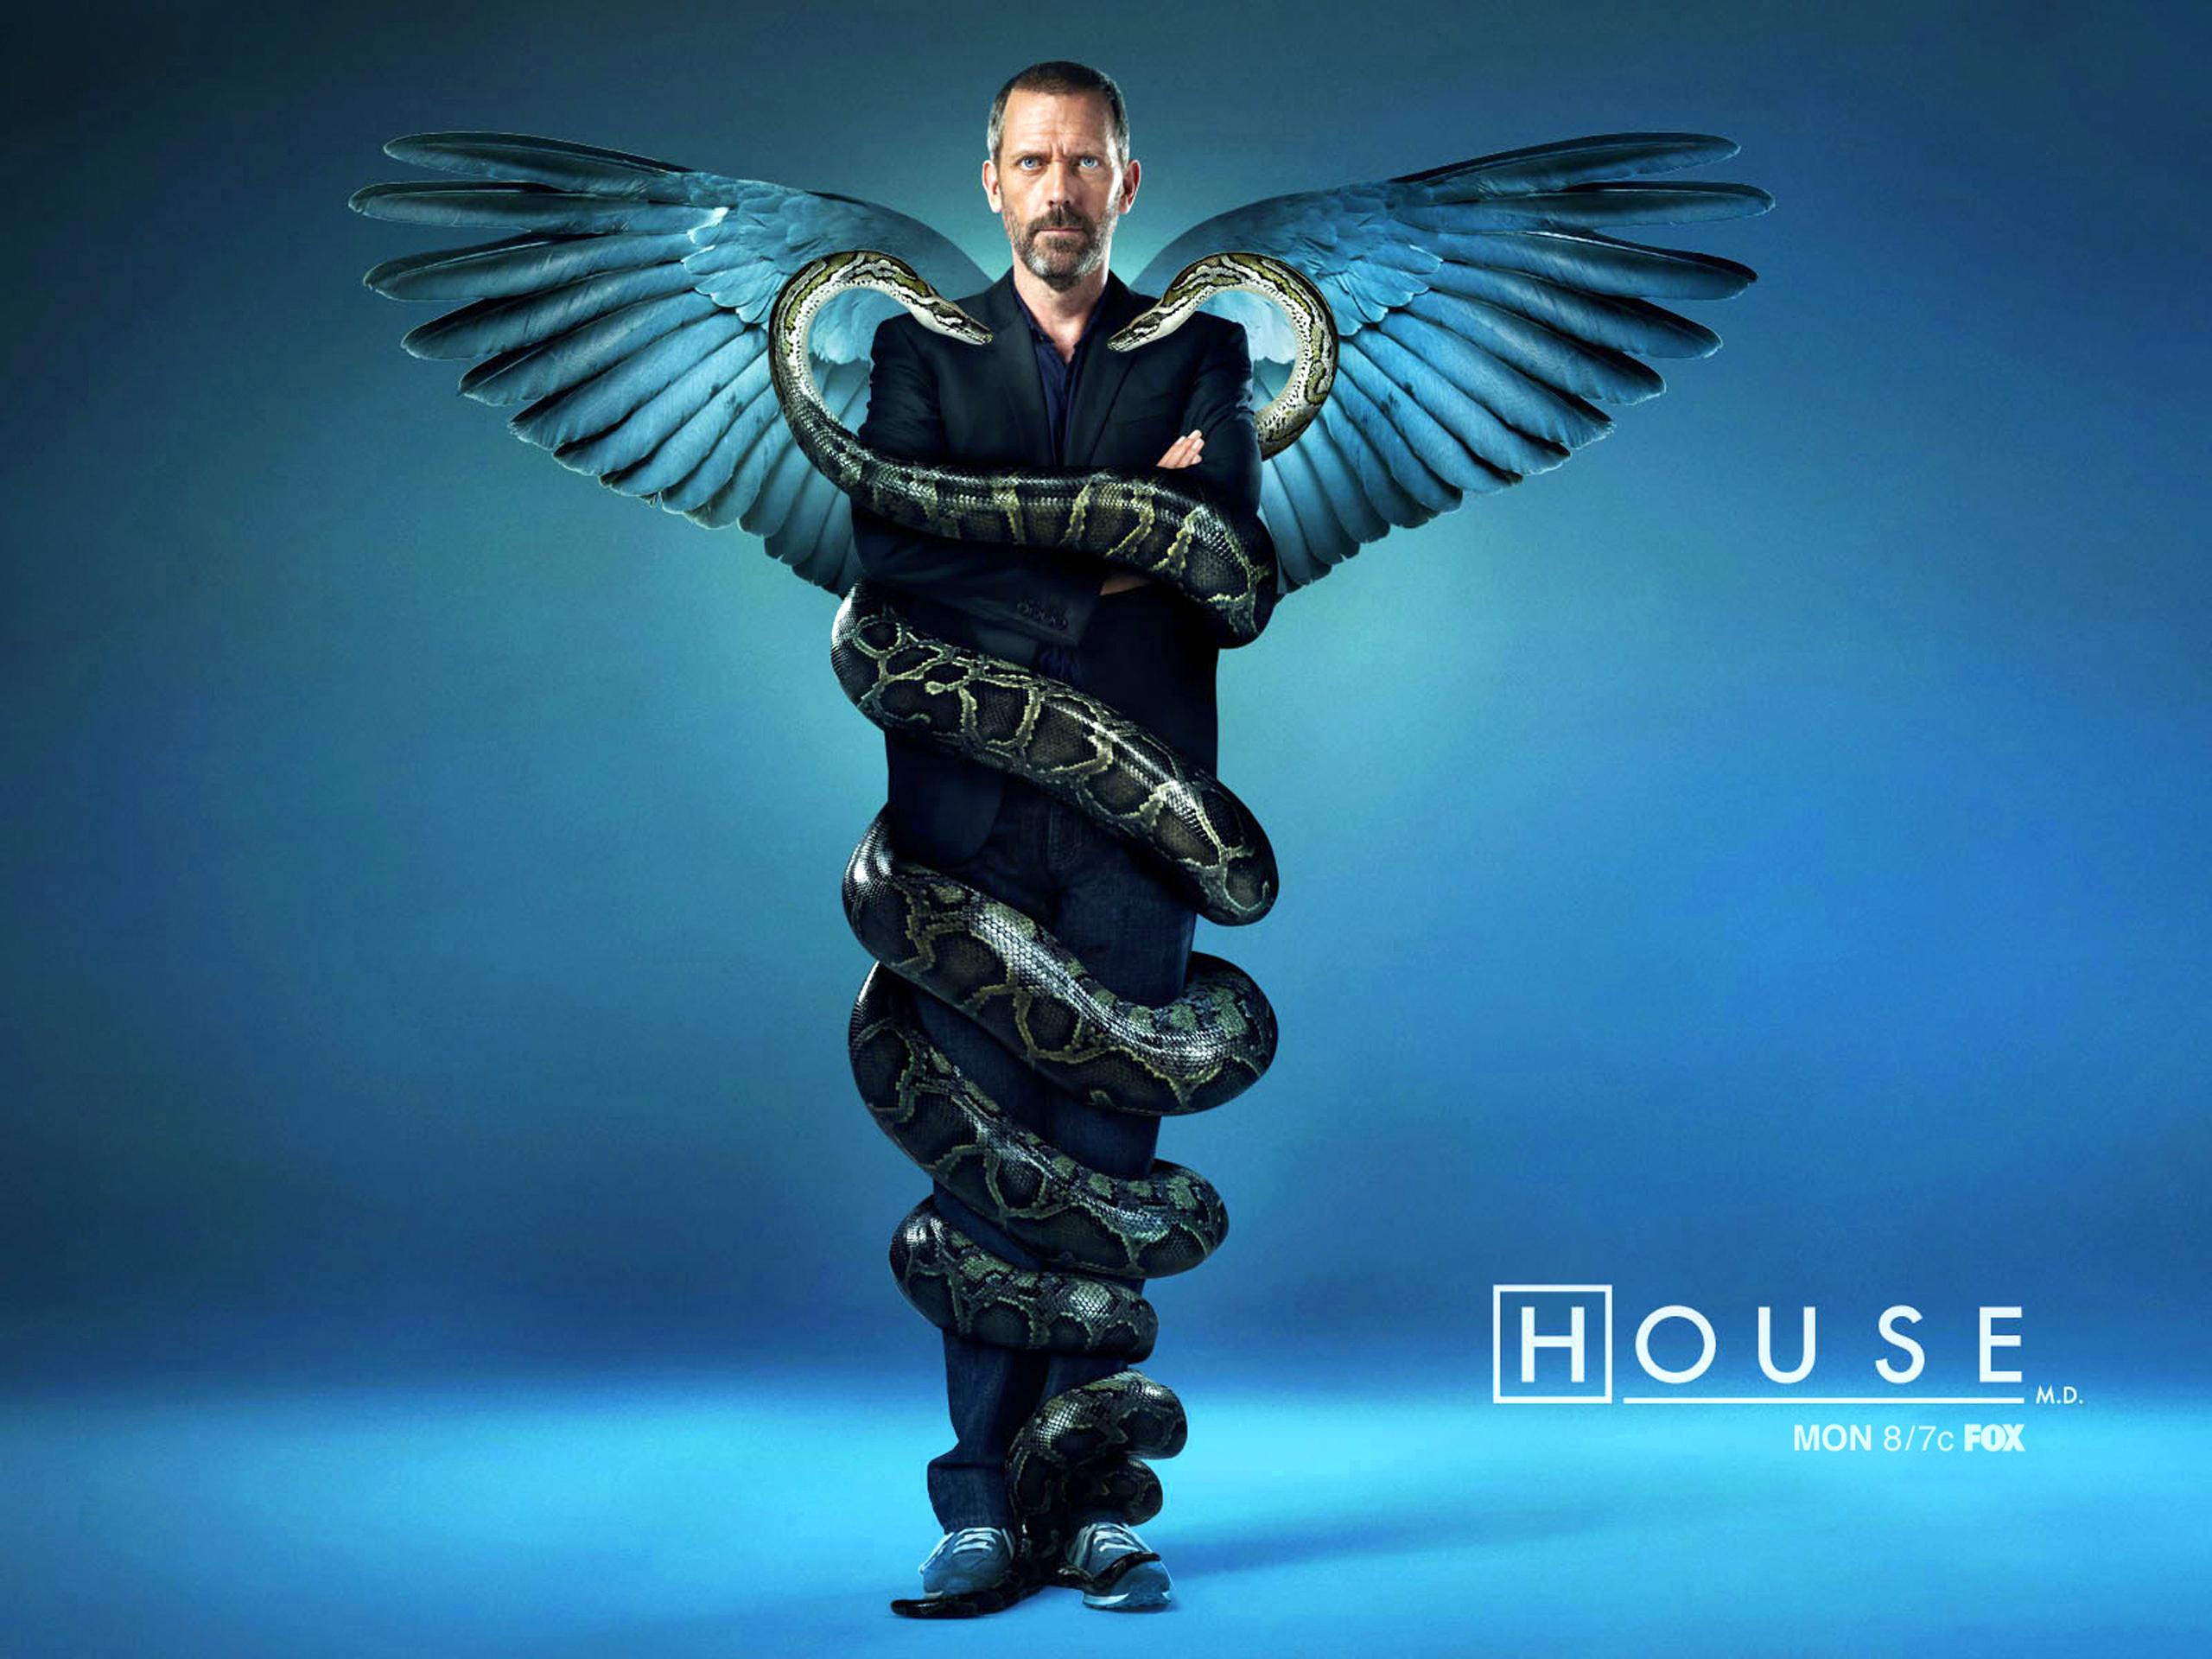 17546 скачать обои Кино, Люди, Актеры, Доктор Хаус (House M.d.), Хью Лори (Hugh Laurie) - заставки и картинки бесплатно